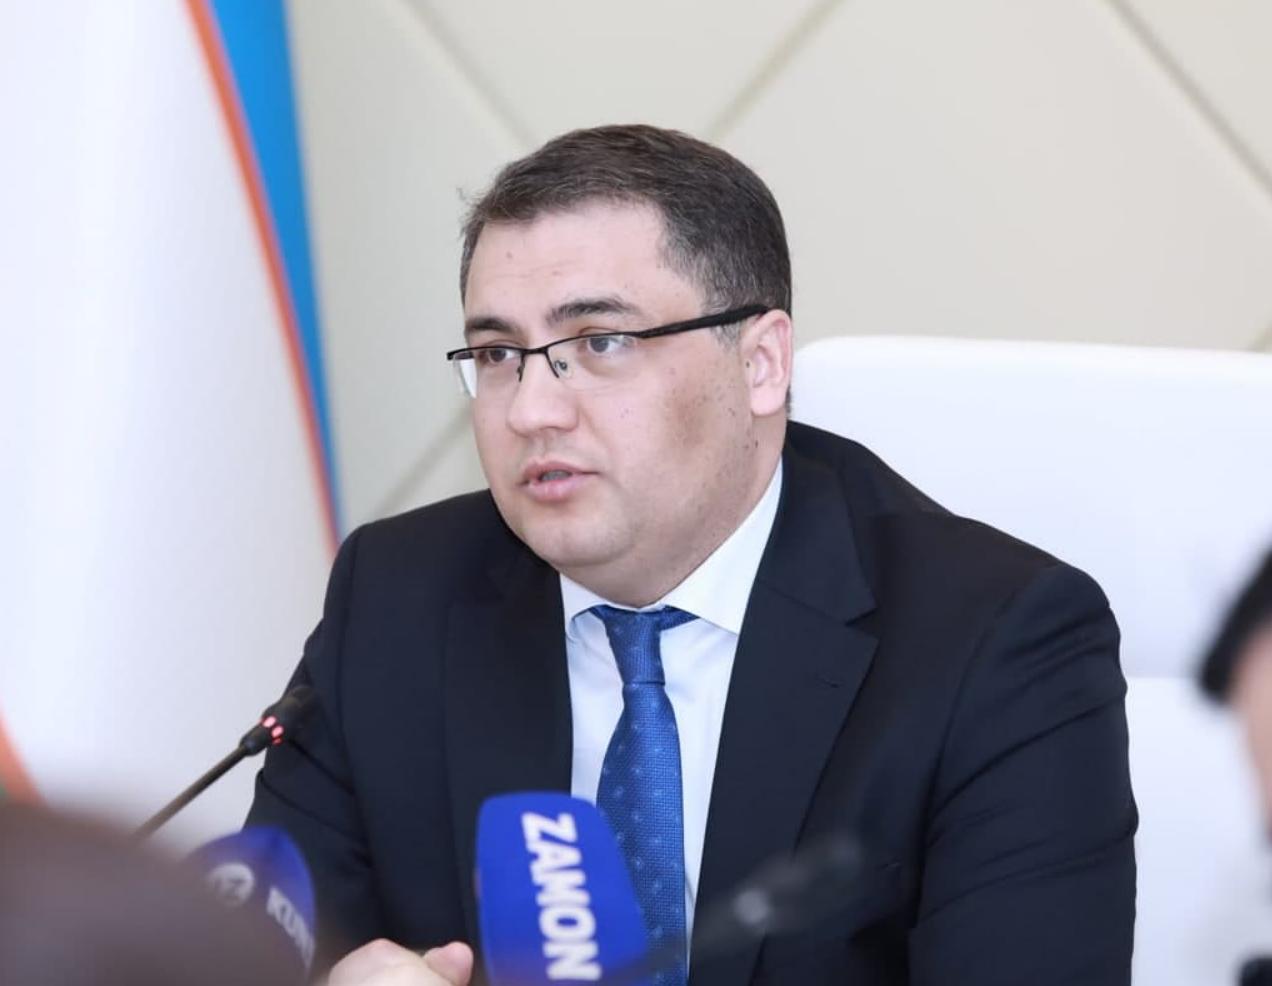 Министр юстиции призвал отказаться от национальных традиций, мешающих развитию общества